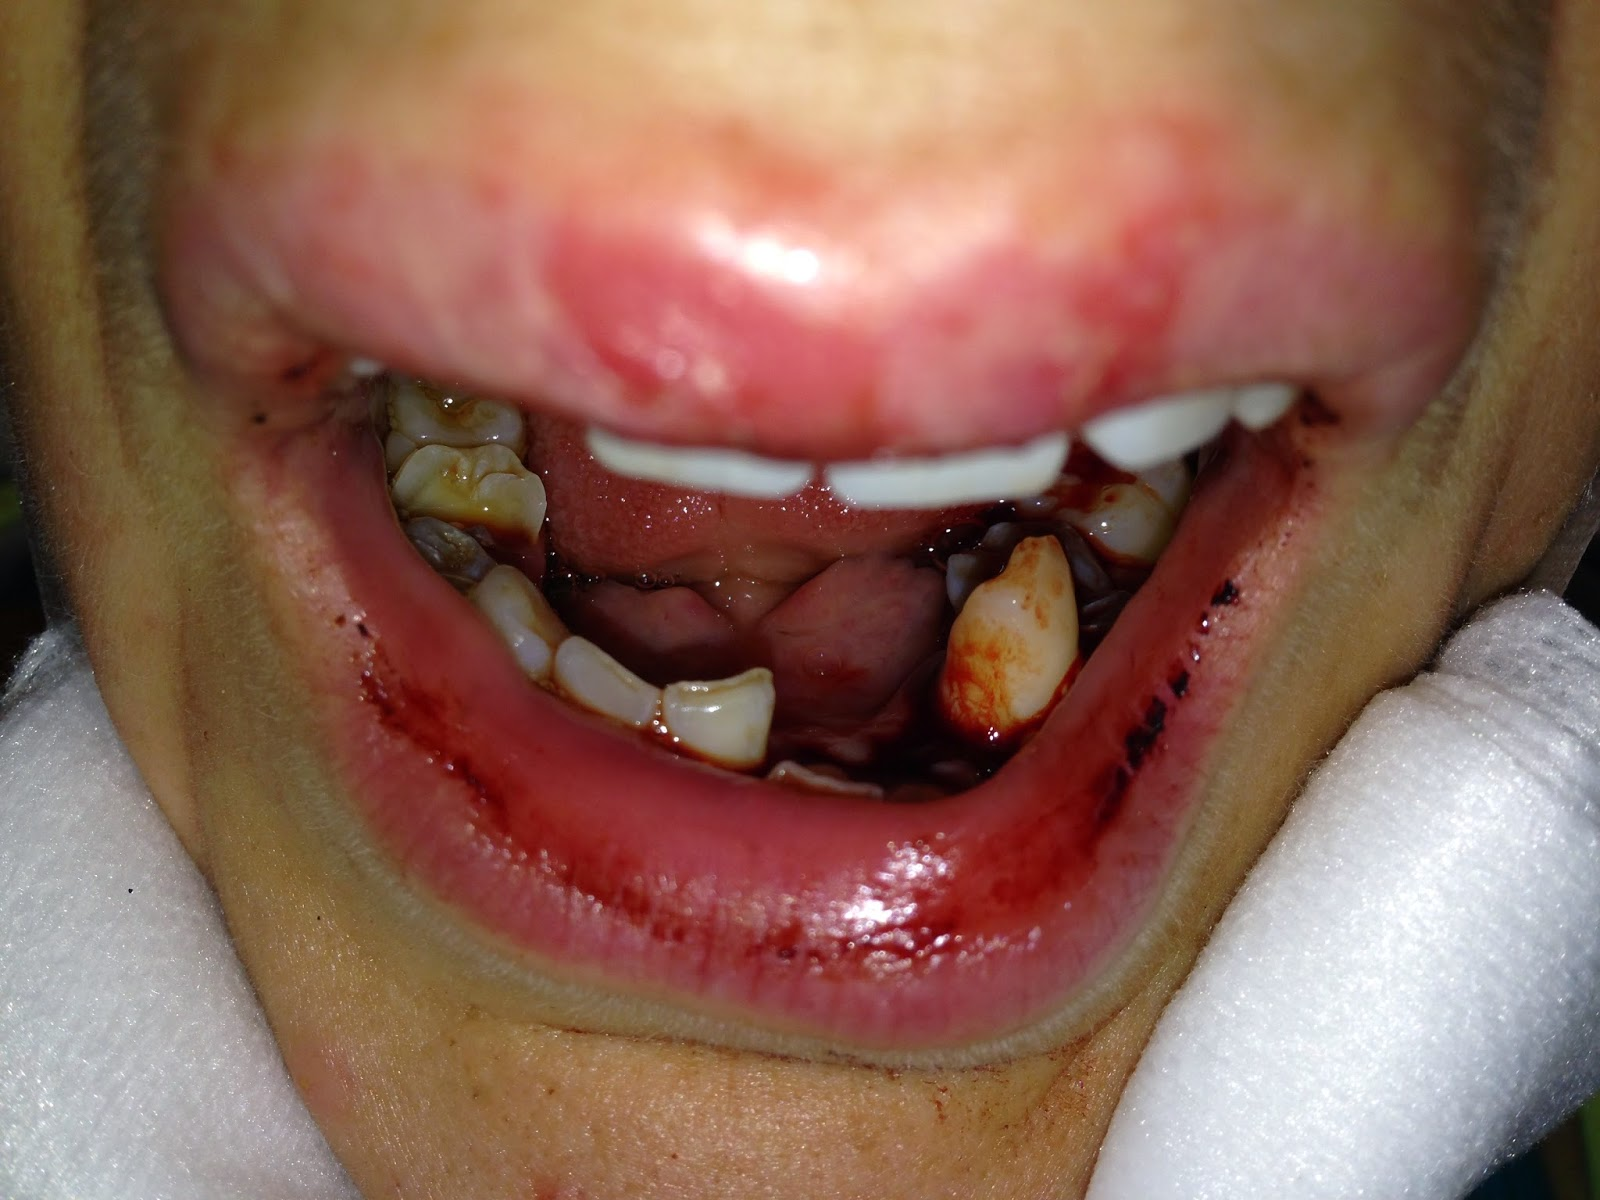 My Broken Jaw Trauma: October 2014